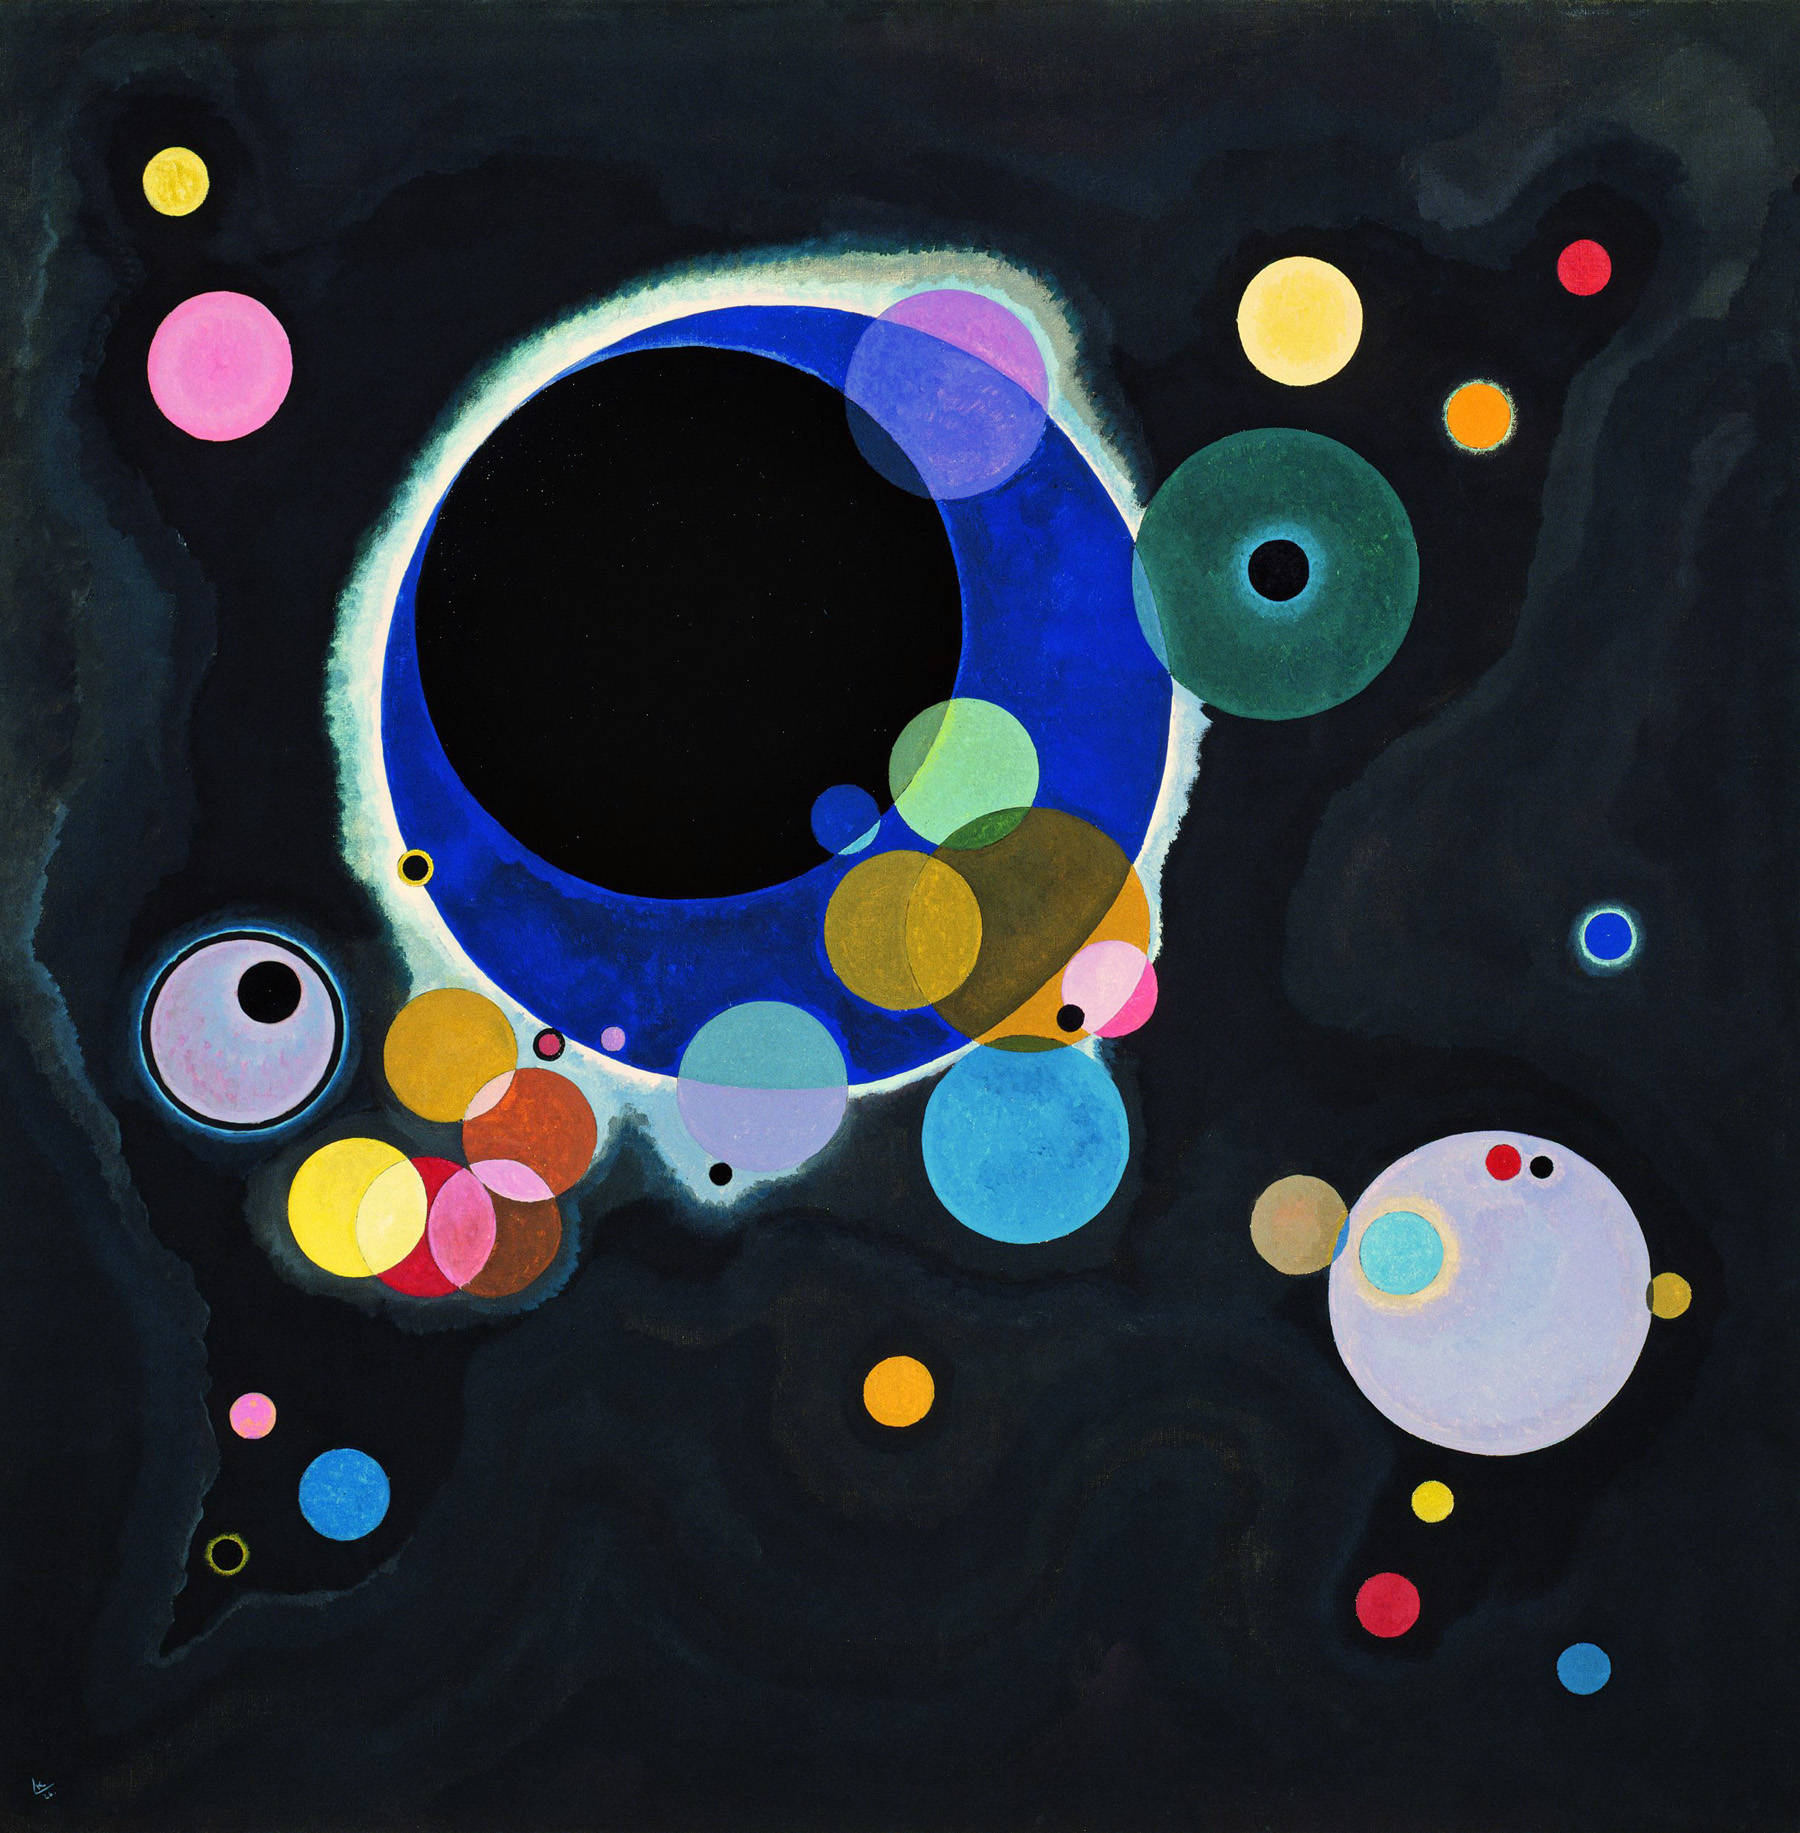 Vassily_Kandinsky,_1926_-_Several_Circles,_Gugg_0910_25.jpg